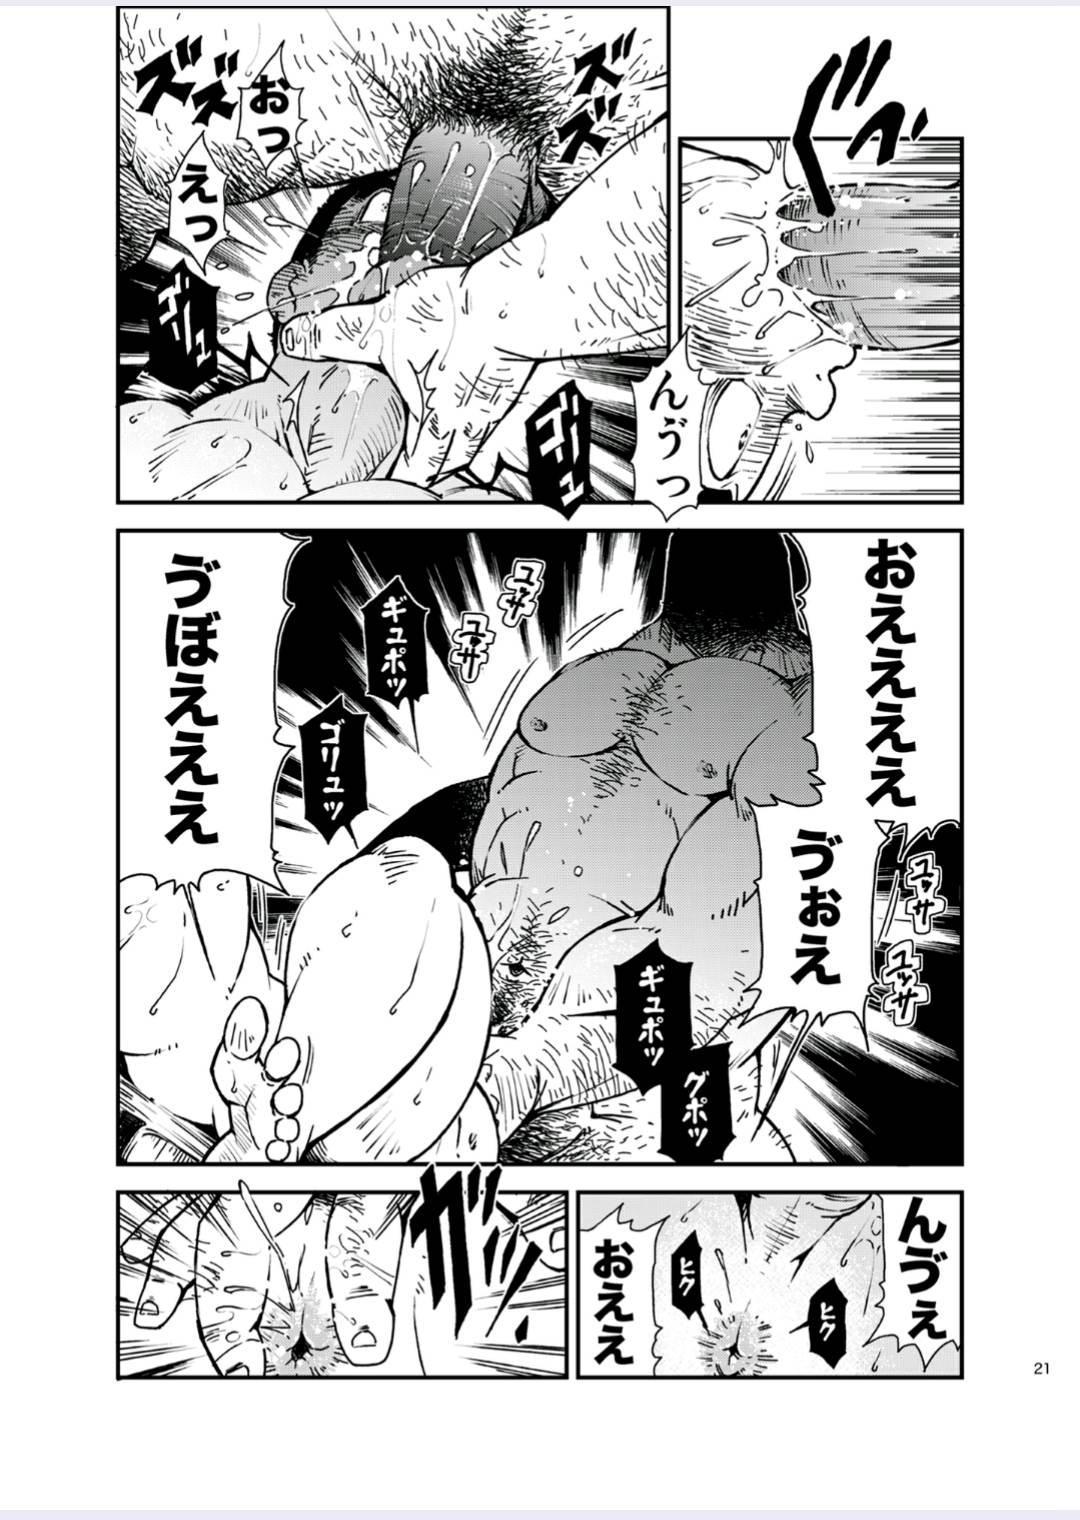 [KOWMEIISM (Kasai Kowmei)] Tadashii Danshi no Kyouren Hou (Yon) Deku to Kairai to [Digital] 21